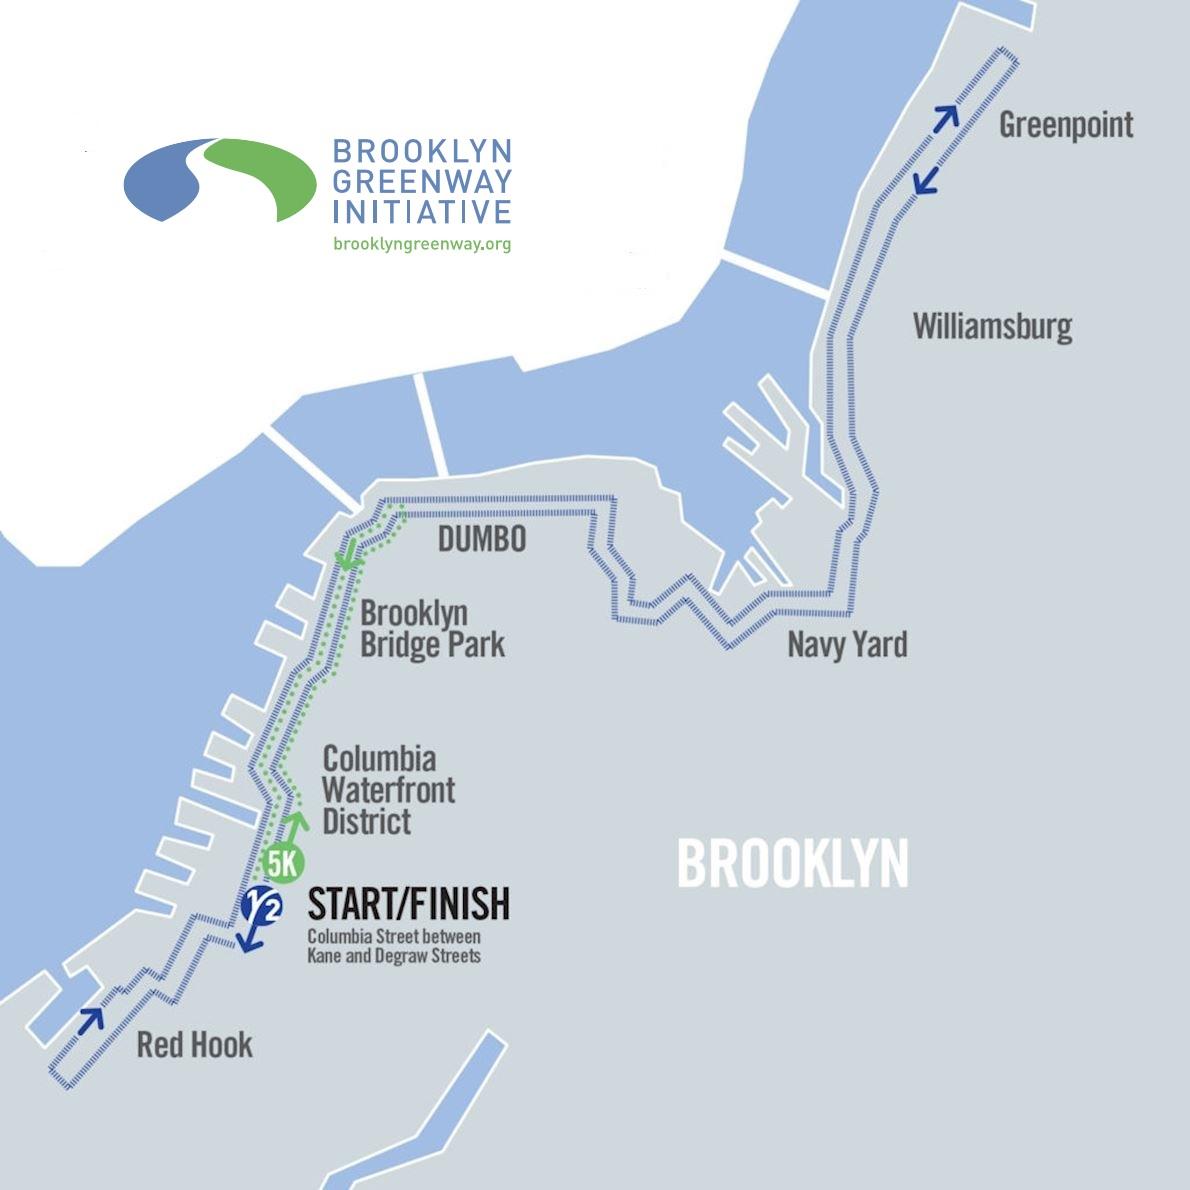 Brooklyn Greenway Half Marathon & 5K 2019 - elitefeats